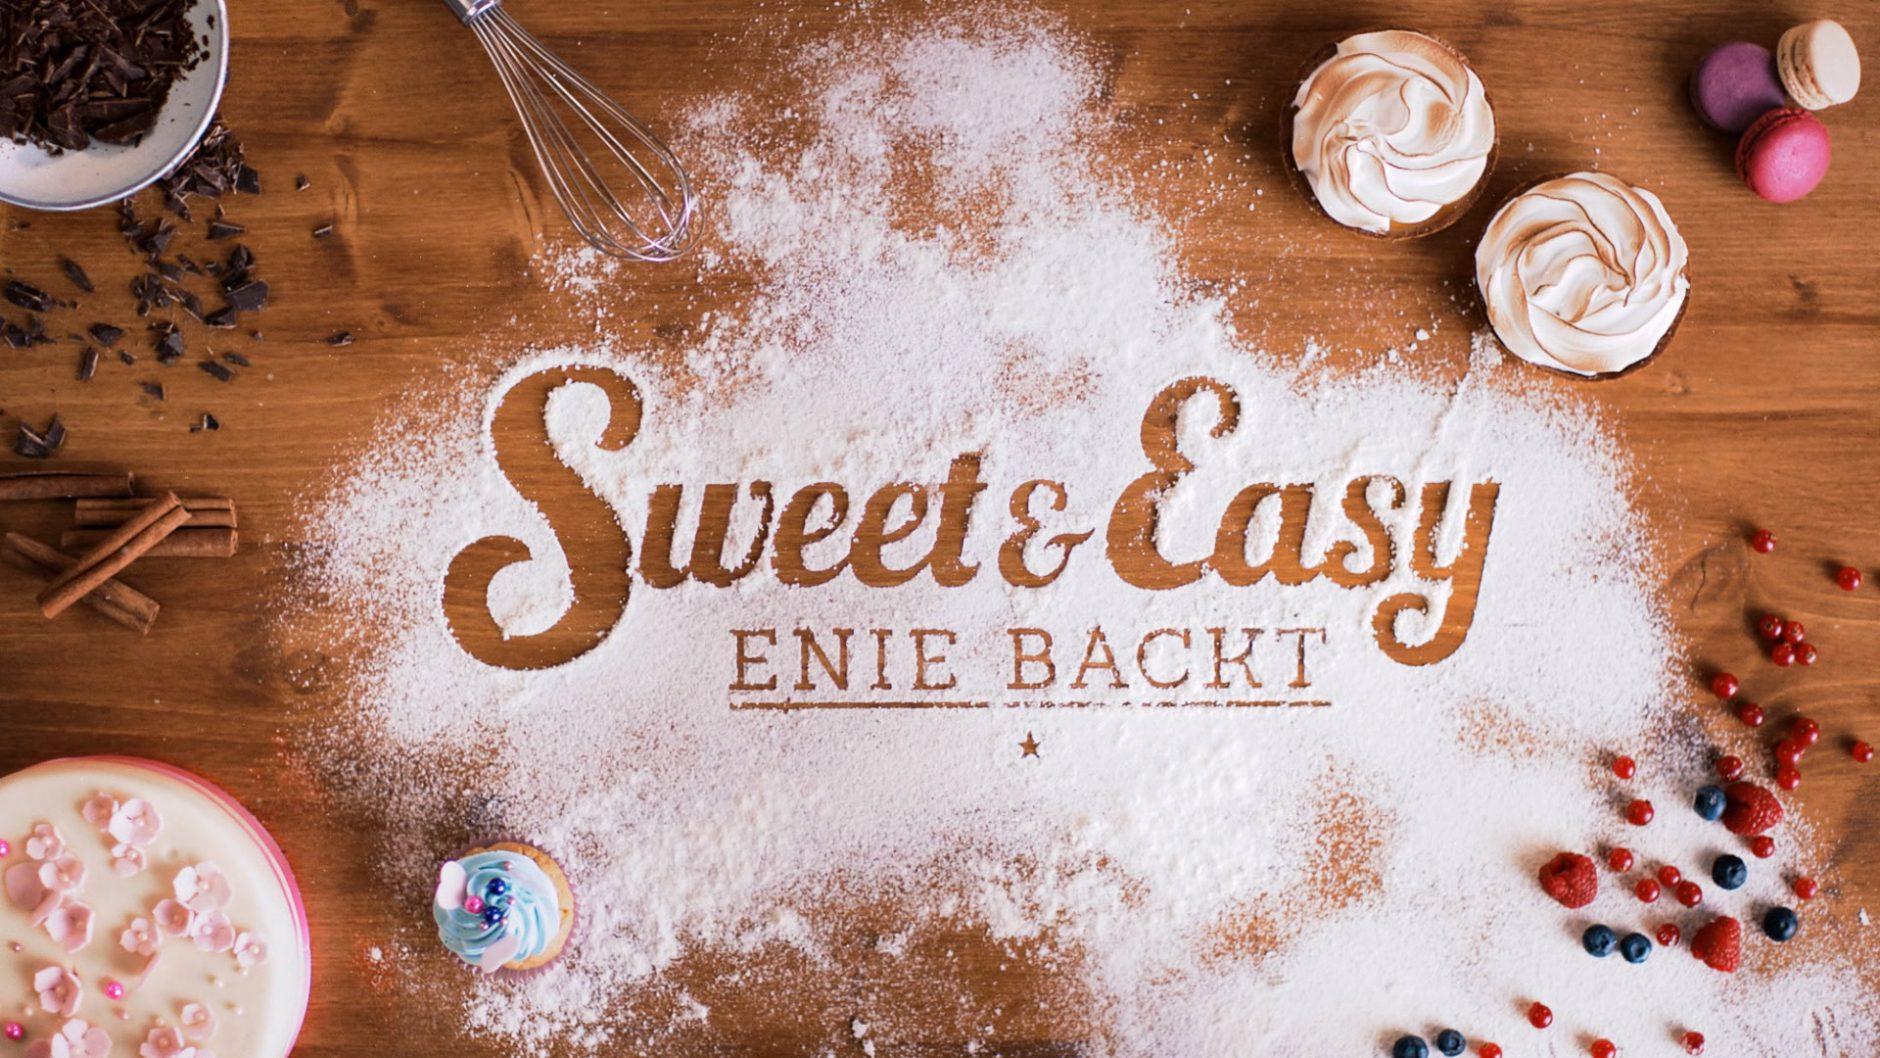 Sweet & Easy kommt auch das Sendungsdesign daher: von verspielter Typo über Set-Design und Outfits bis hin zu den Back-Ergebnissen